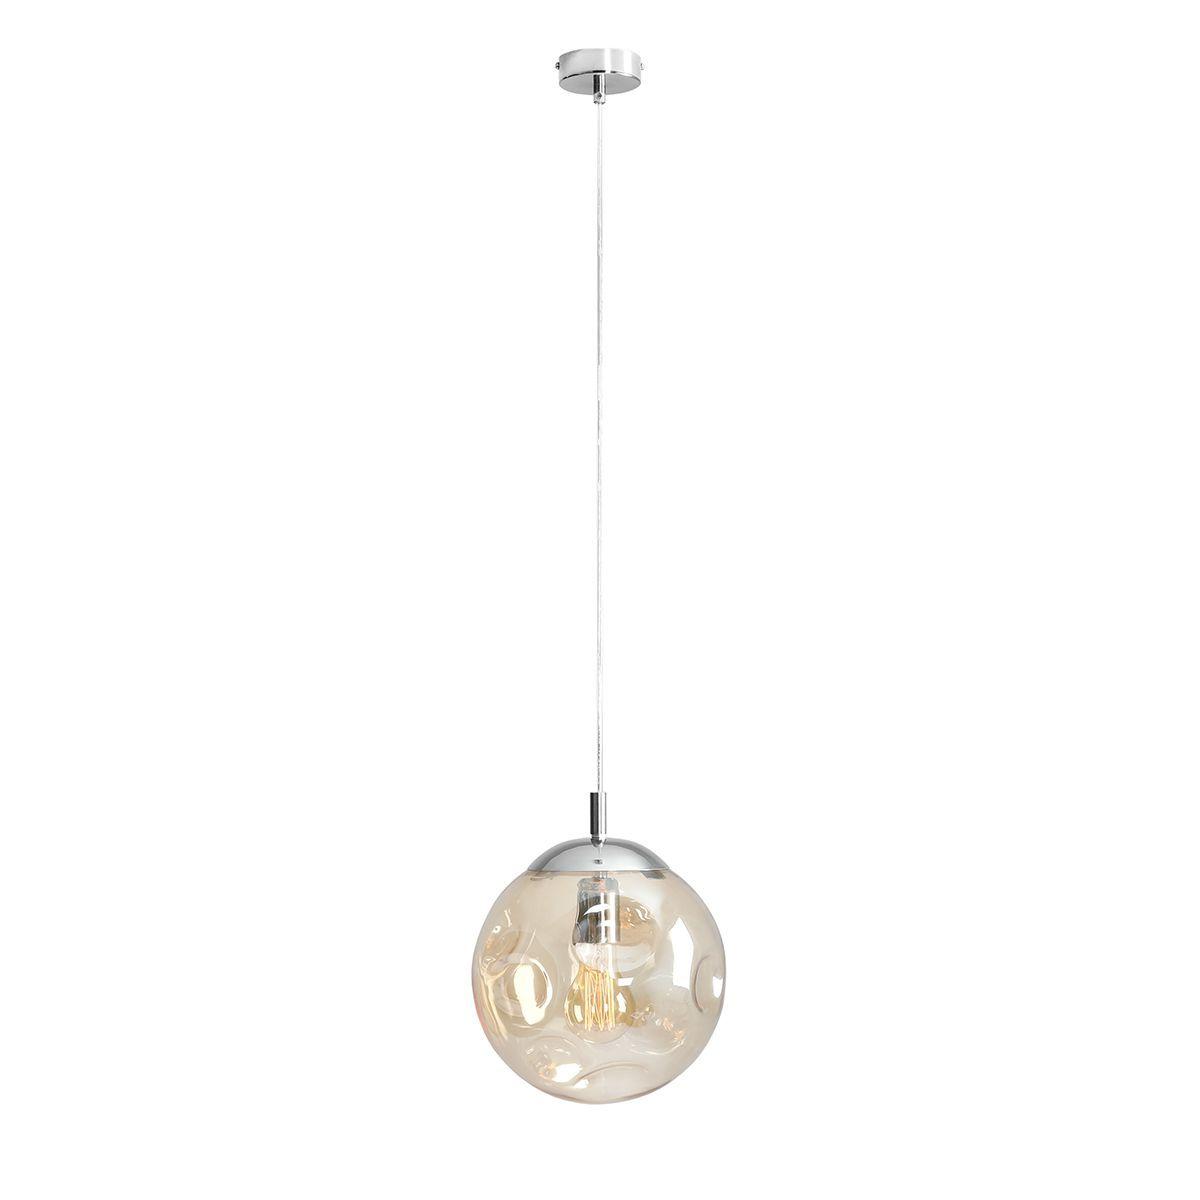 Lampa wisząca Aldex x1 Amalfi 30 cm Miodowy 1034G/M